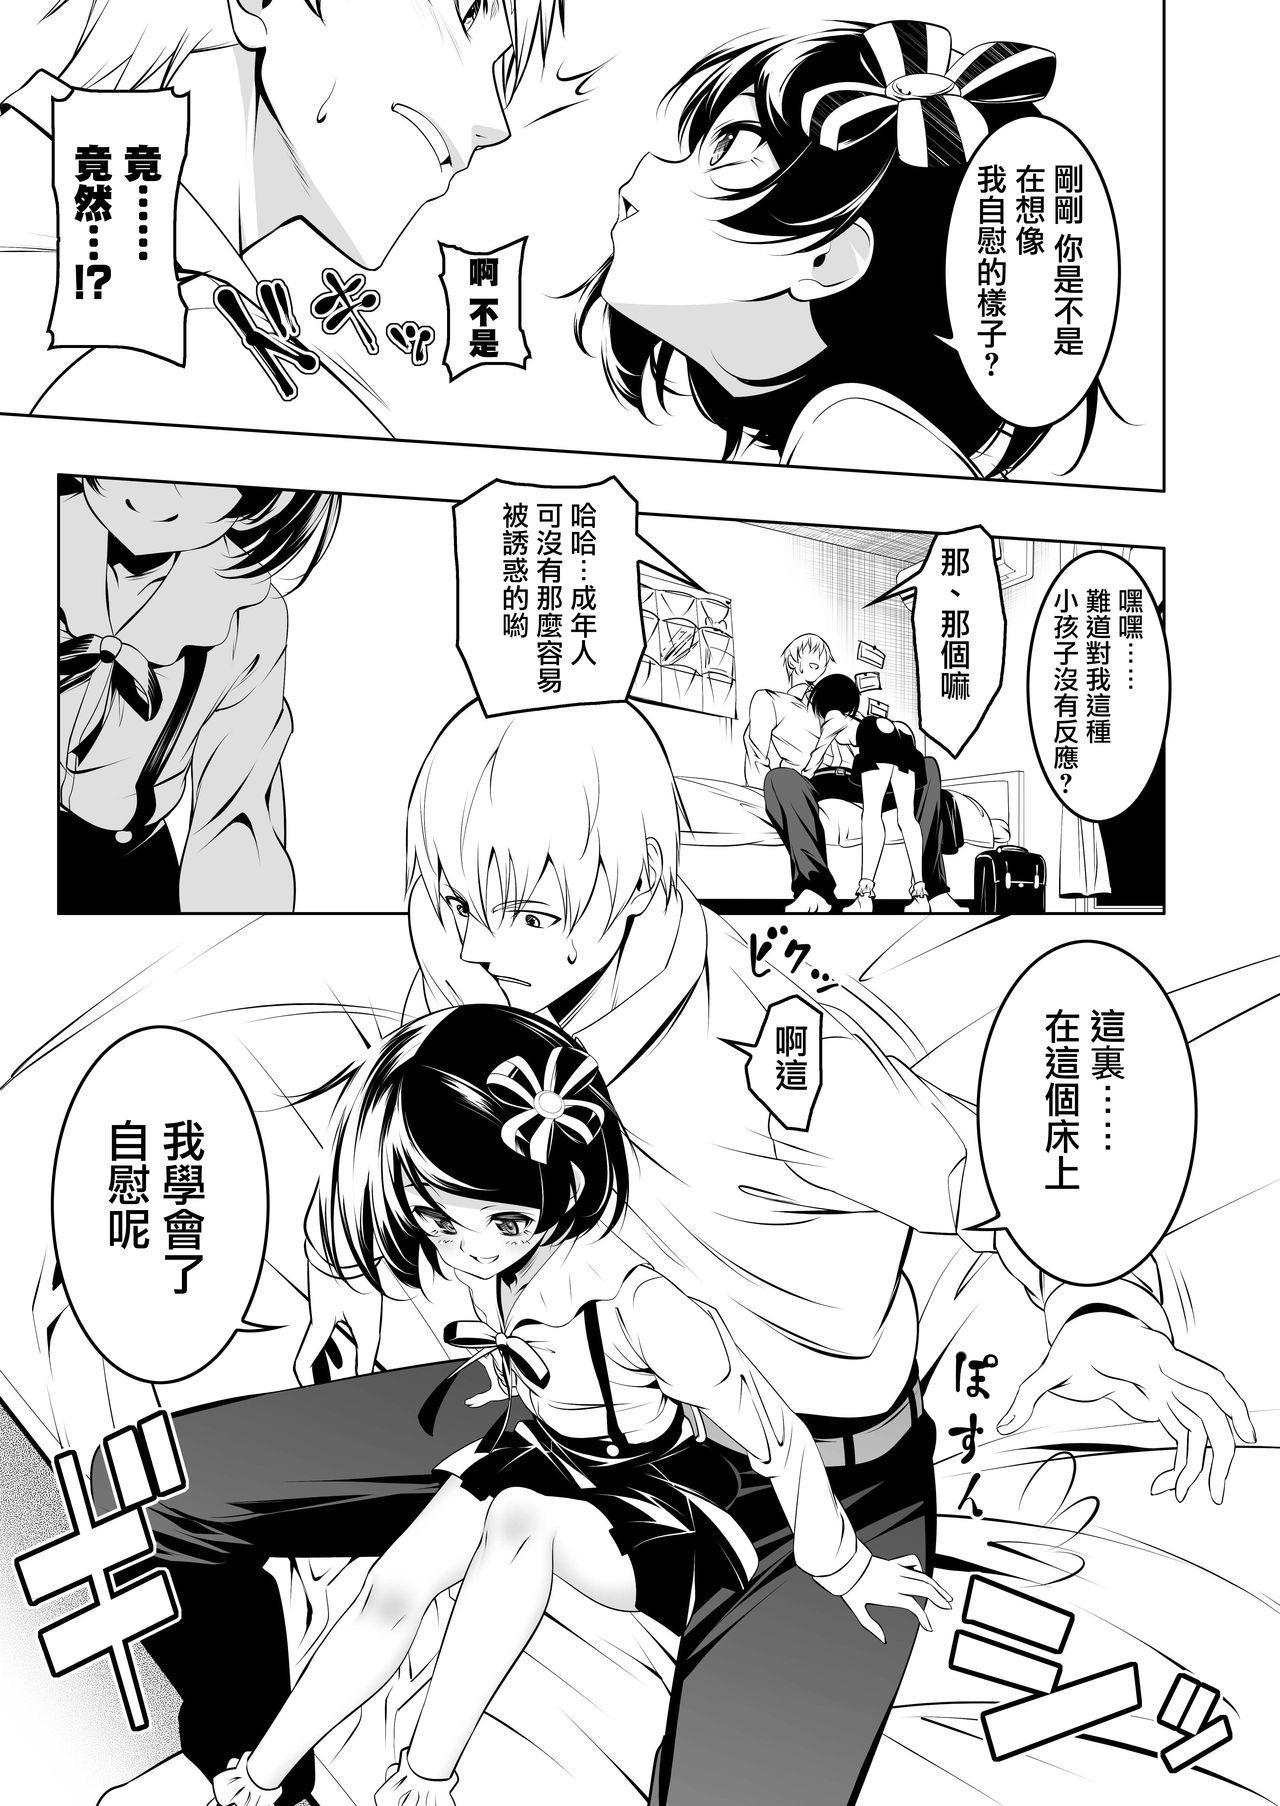 Watashi ga SEX Oshiete Ageru   就讓妹妹來教你怎麼變成大人吧 8